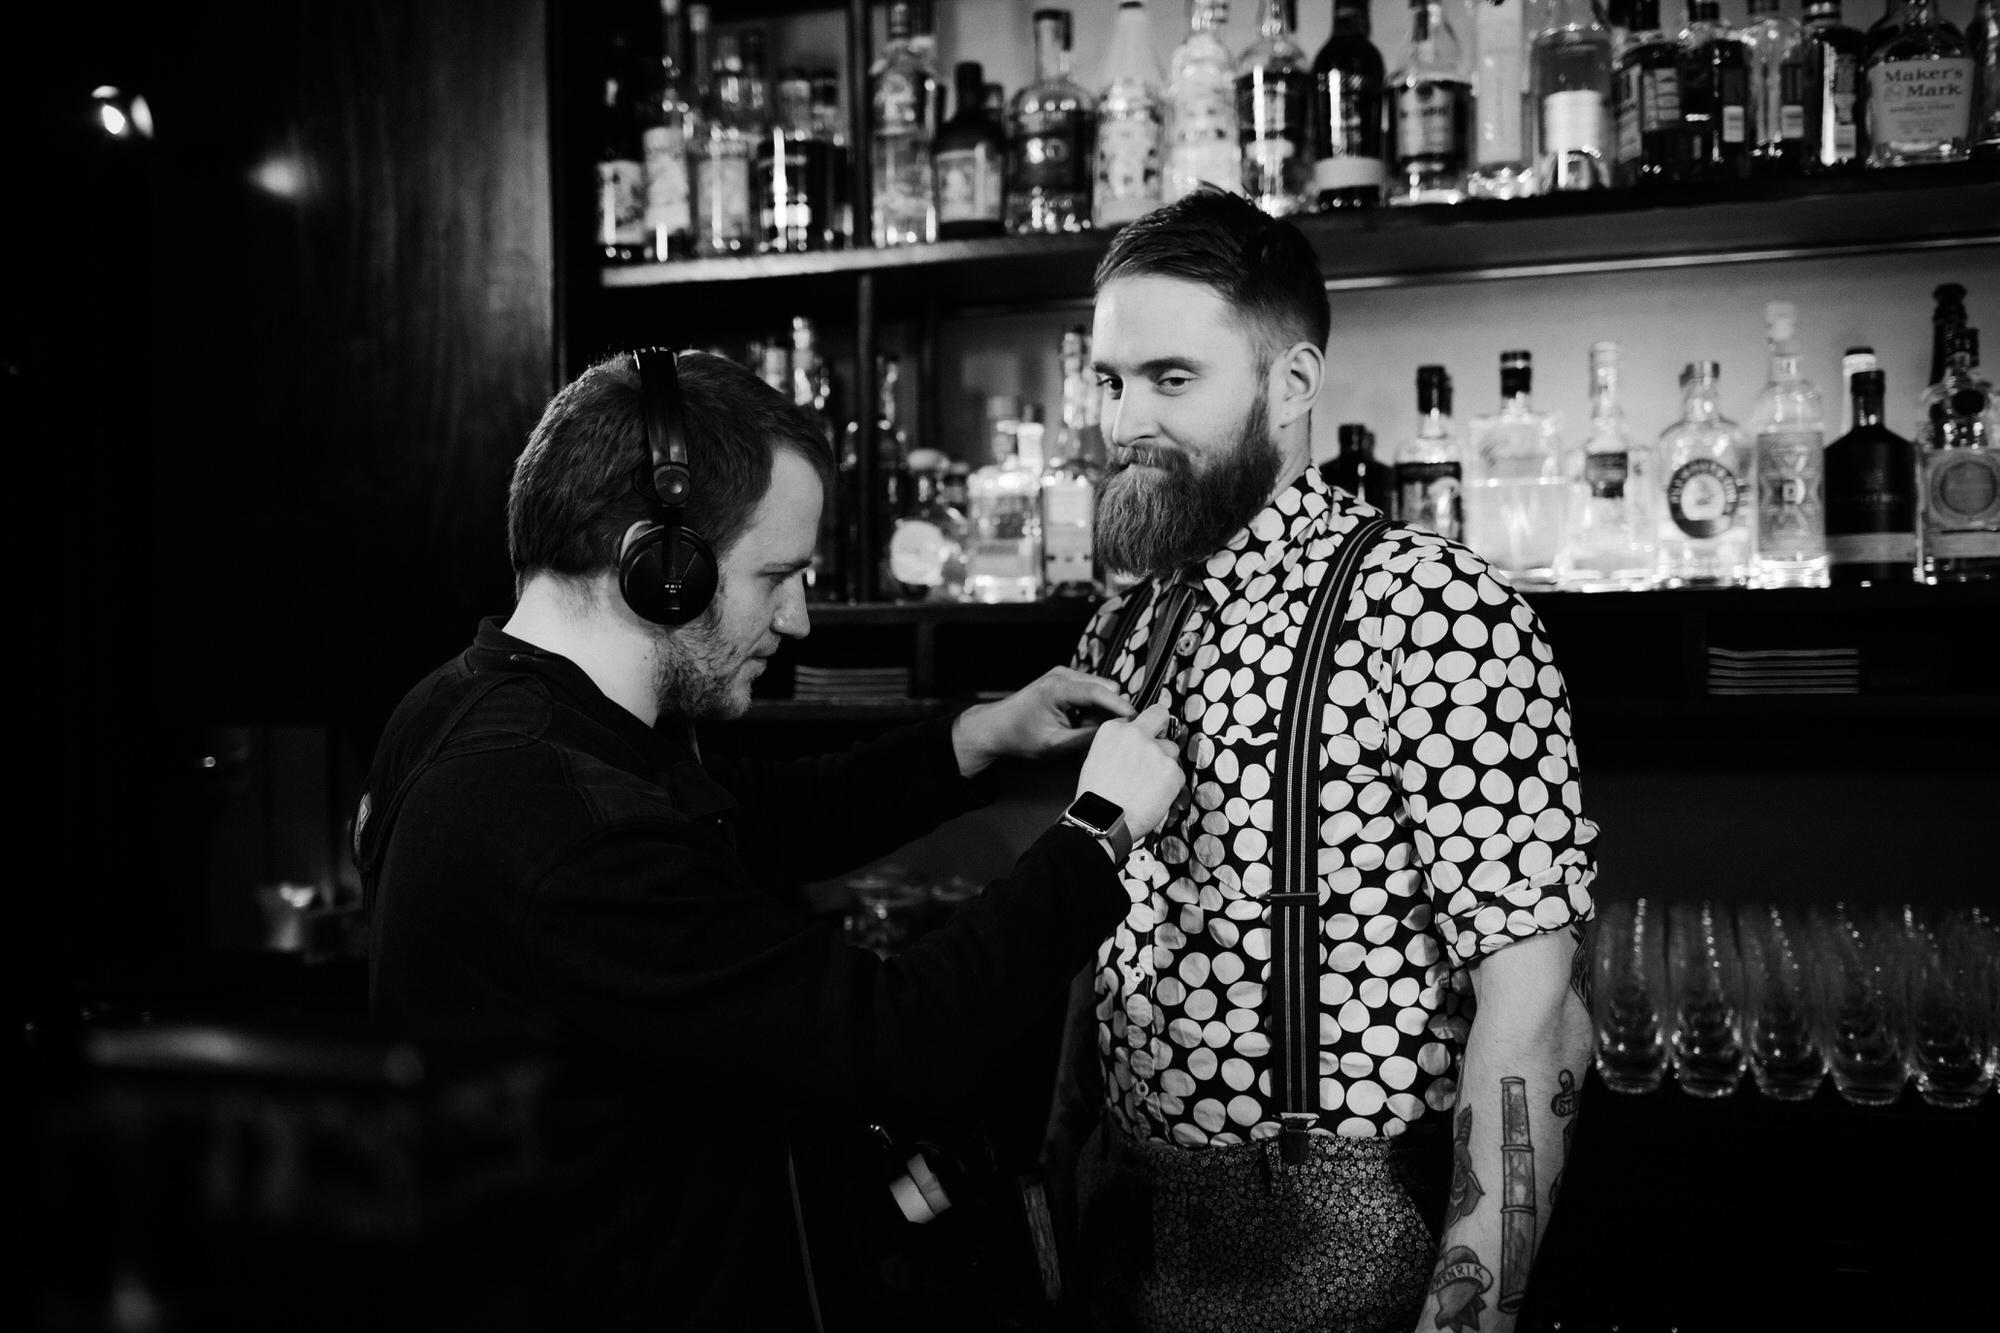 jeppe-nothlev-david-mckeitch-sound-recordist-helium-cocktail-bar-copenhagen.jpg